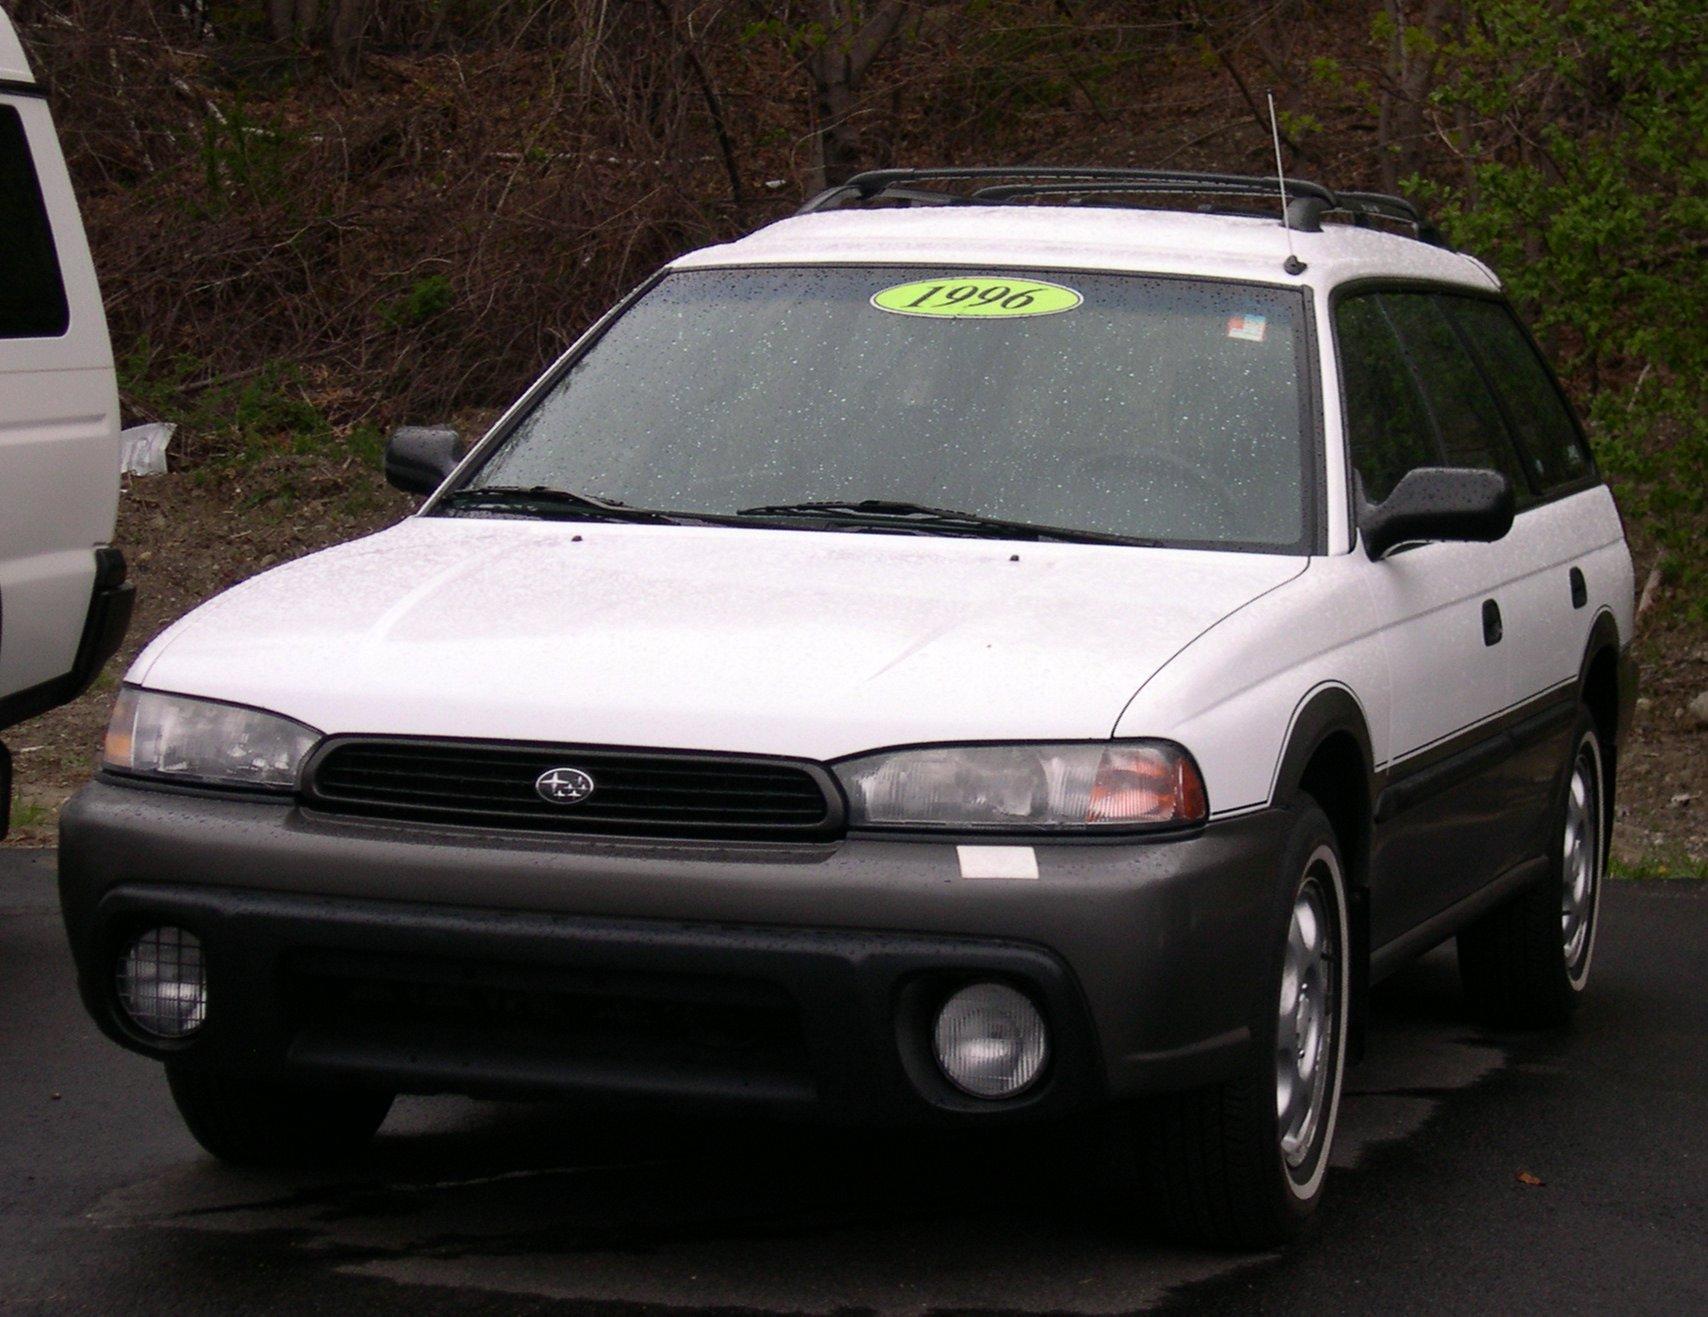 File:1996 Subaru Legacy Wagon